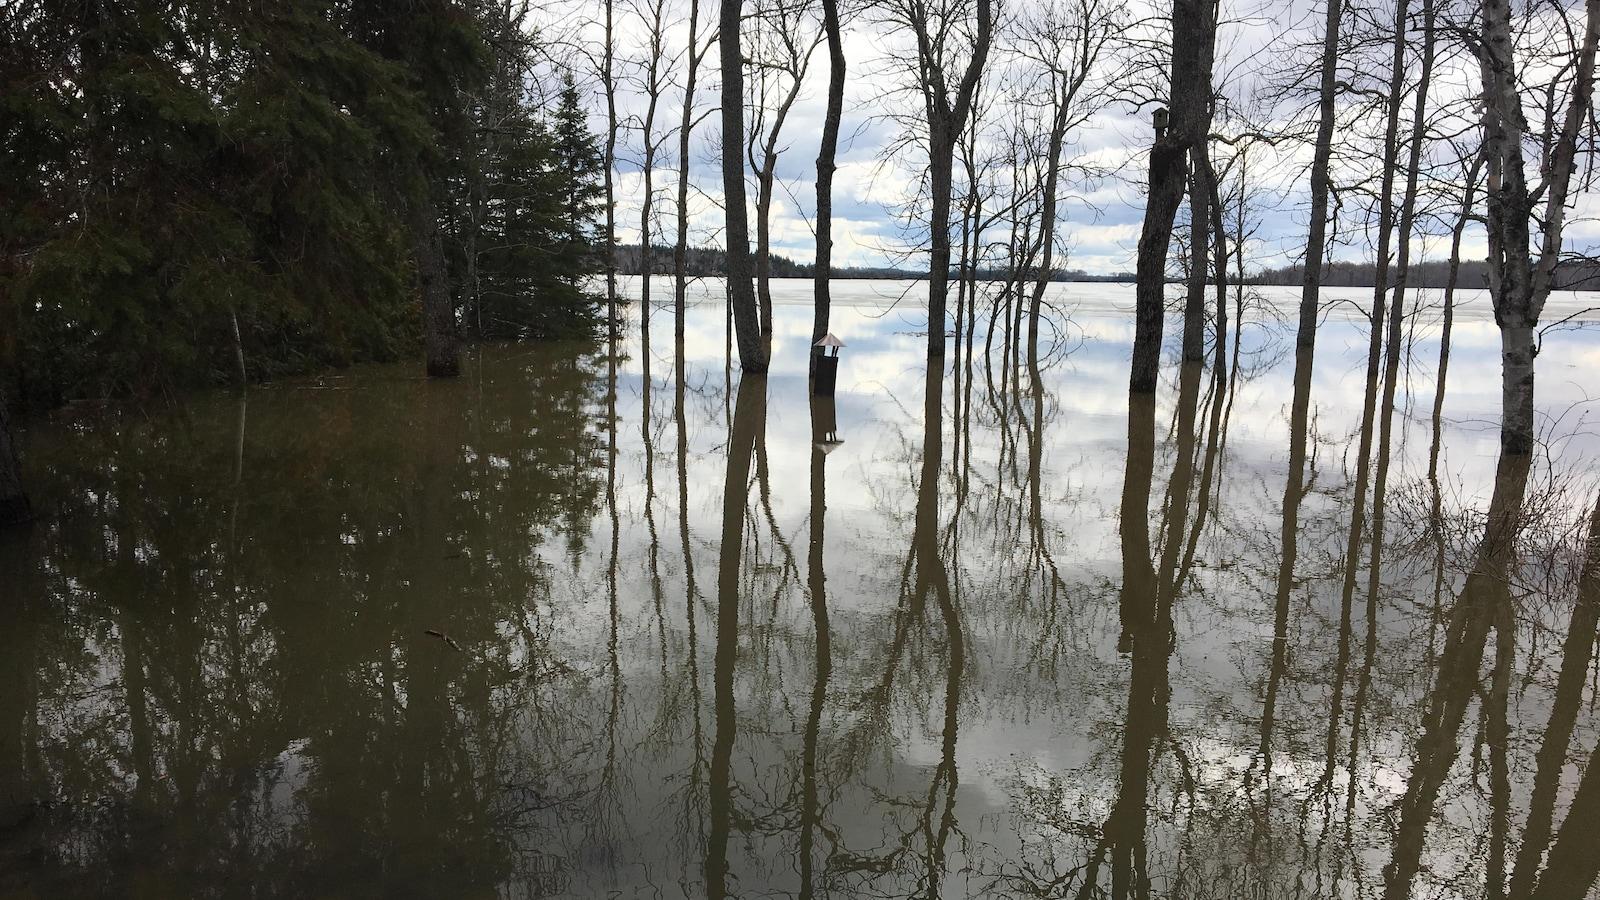 Sonia Paquin qui habite près du lac Beauchastel surveille le niveau de l'eau grâce à une cheminée de foyer extérieur.